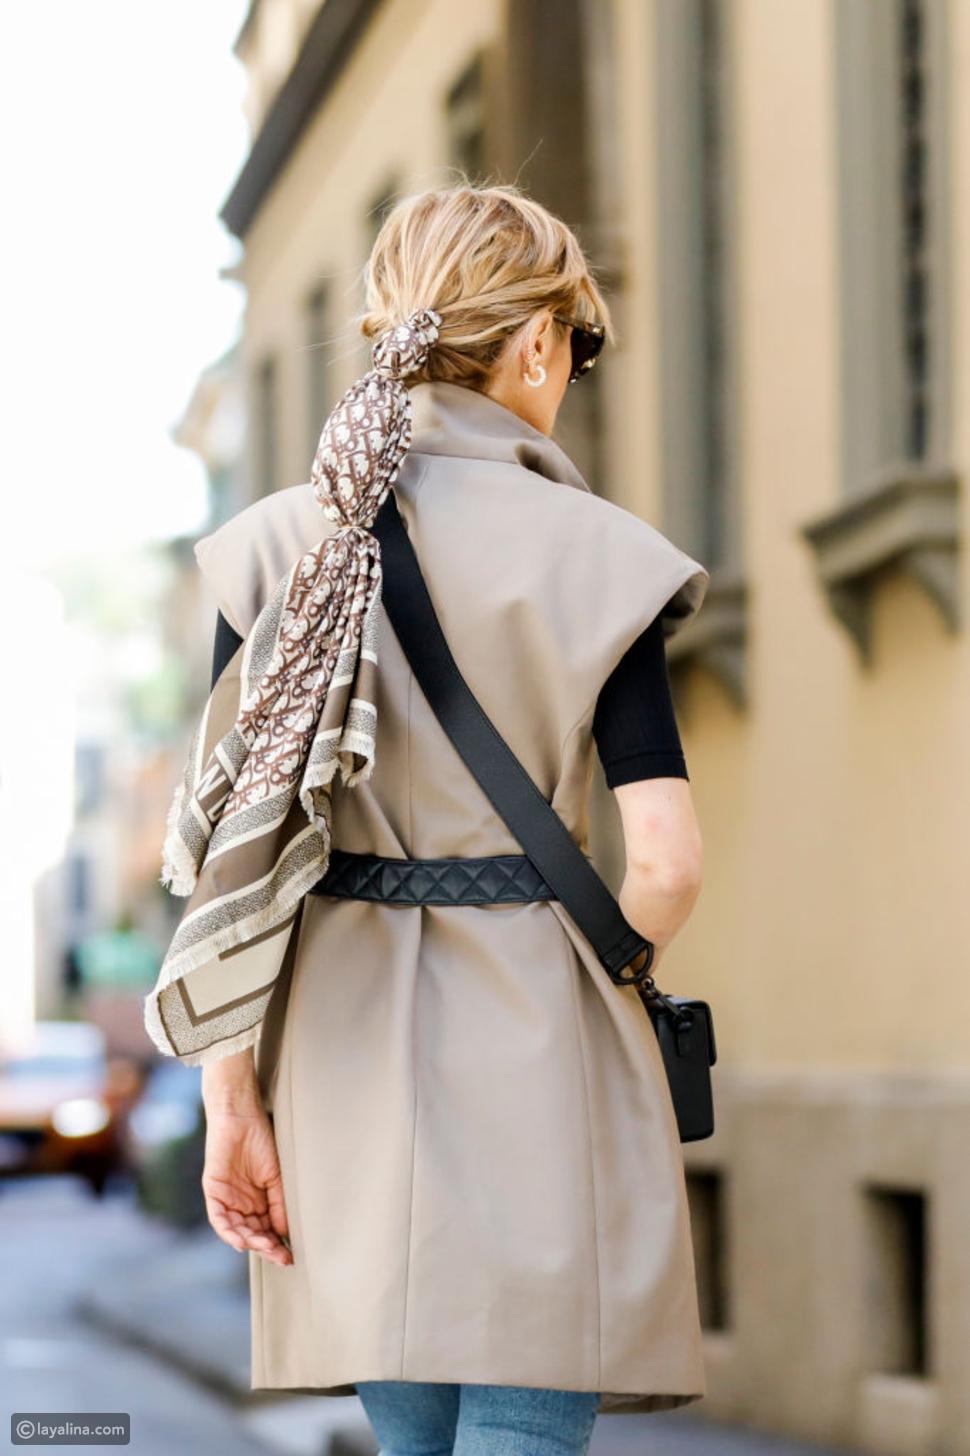 أخطاء في الموضة لا يجب أن ترتكبيها بعد الآن: وشاح الرقبة